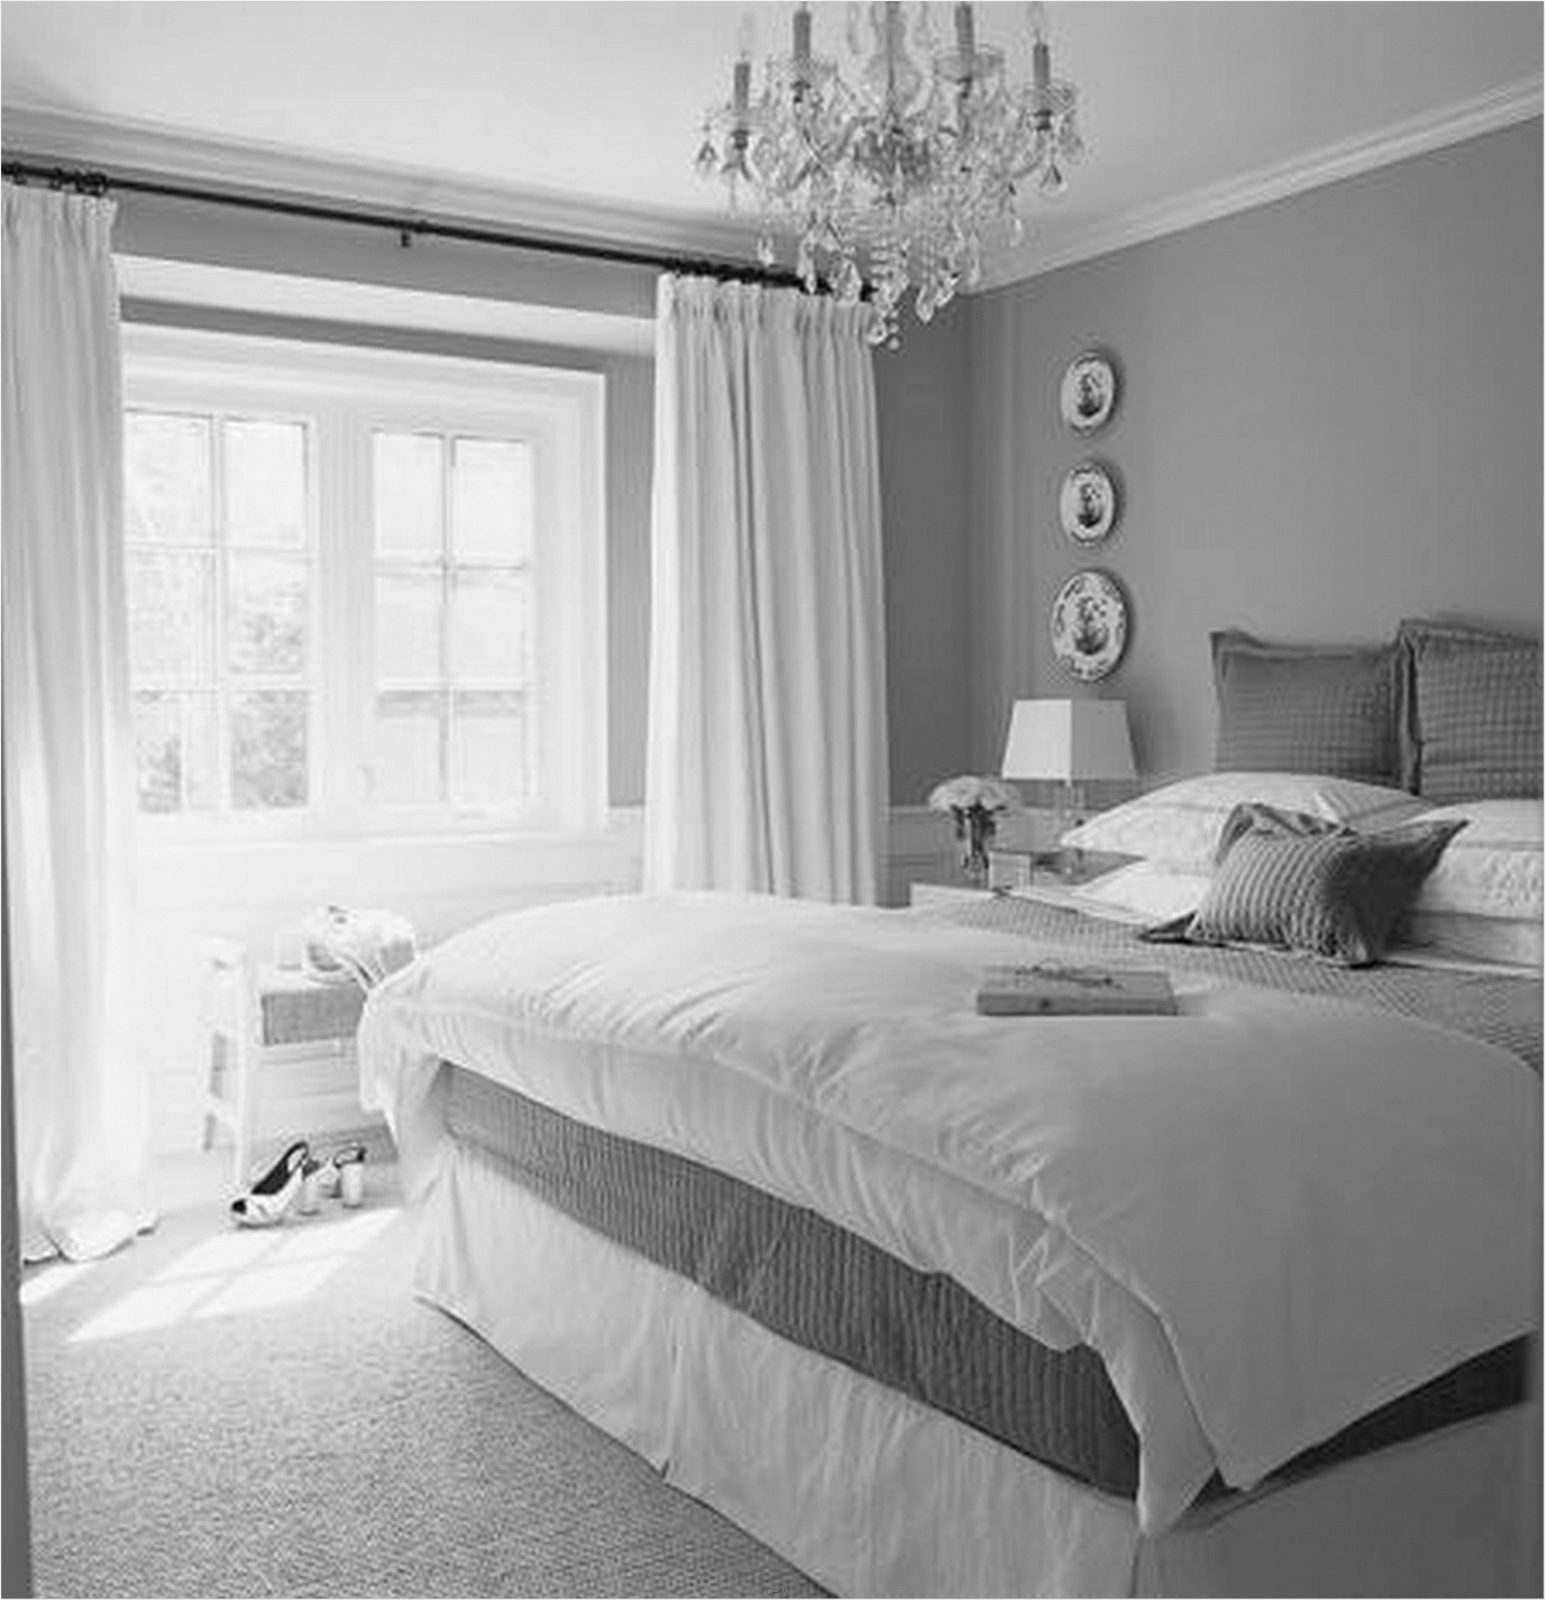 Schlafzimmer Kategorie Farbkombinationen Fotos Dou Stab von Schlafzimmer Ideen Romantisch Photo